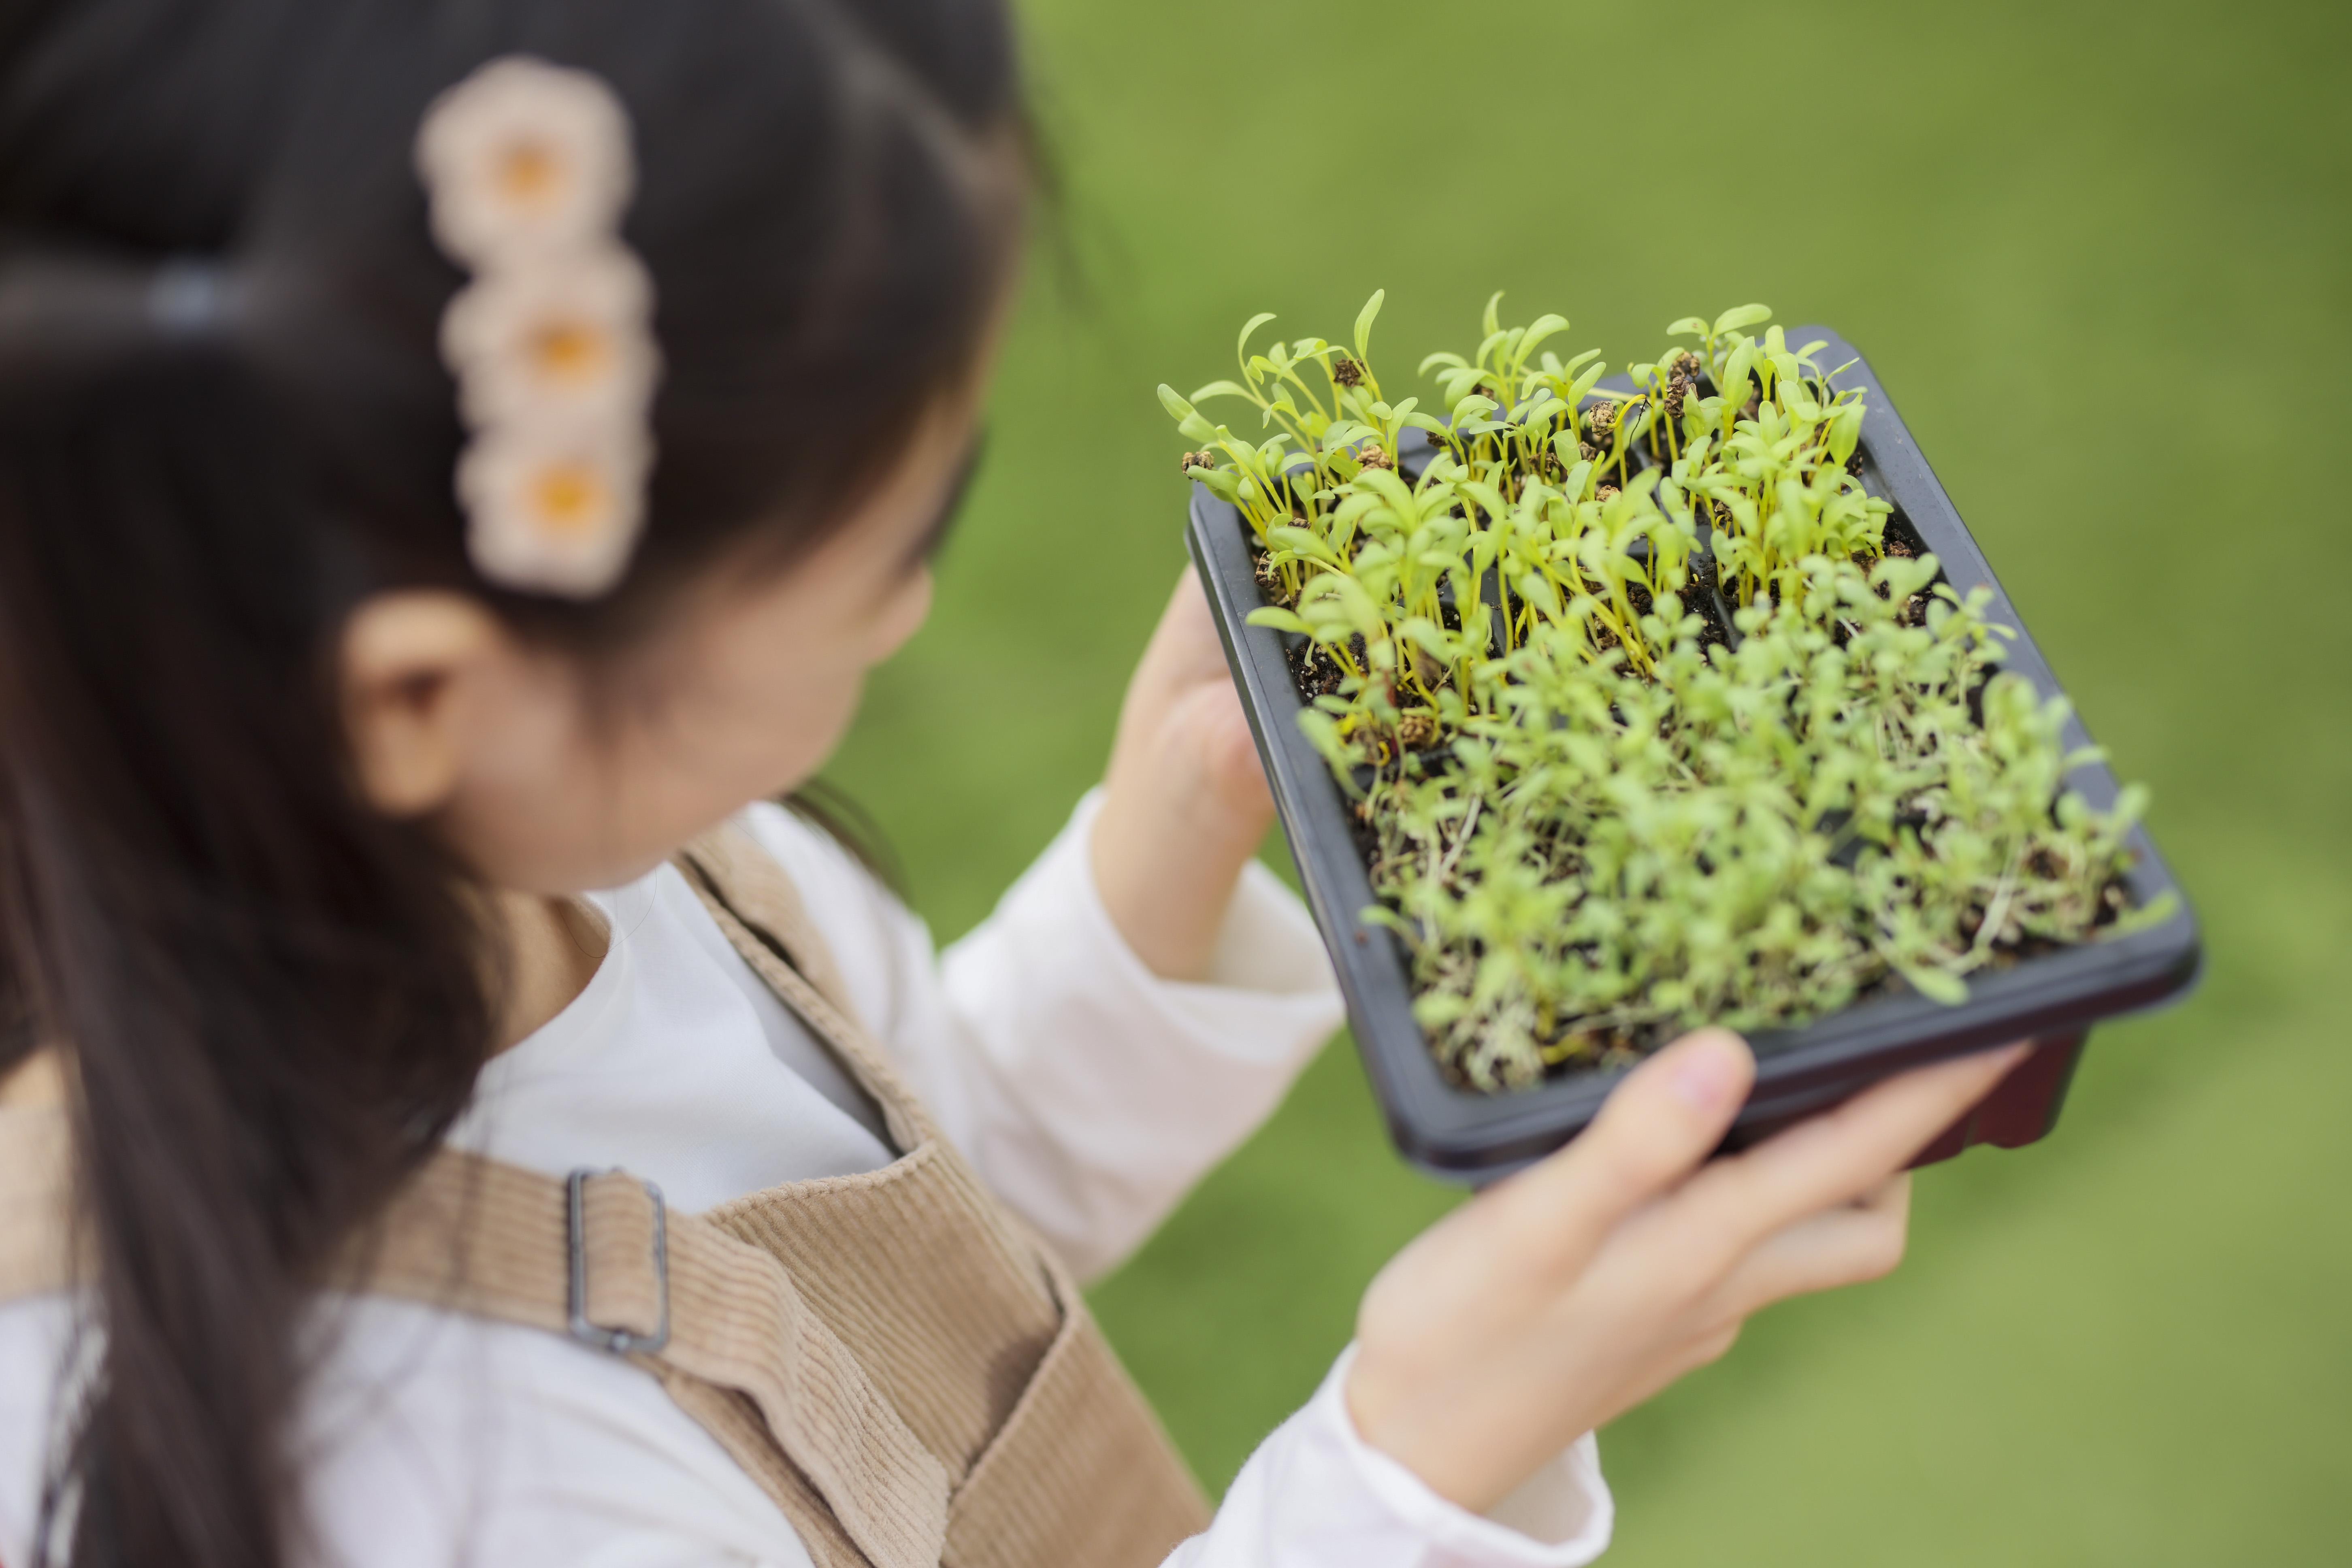 【綠色生活】樂富商場設3000呎戶外都市農莊 免費派過千份香草飲品小食